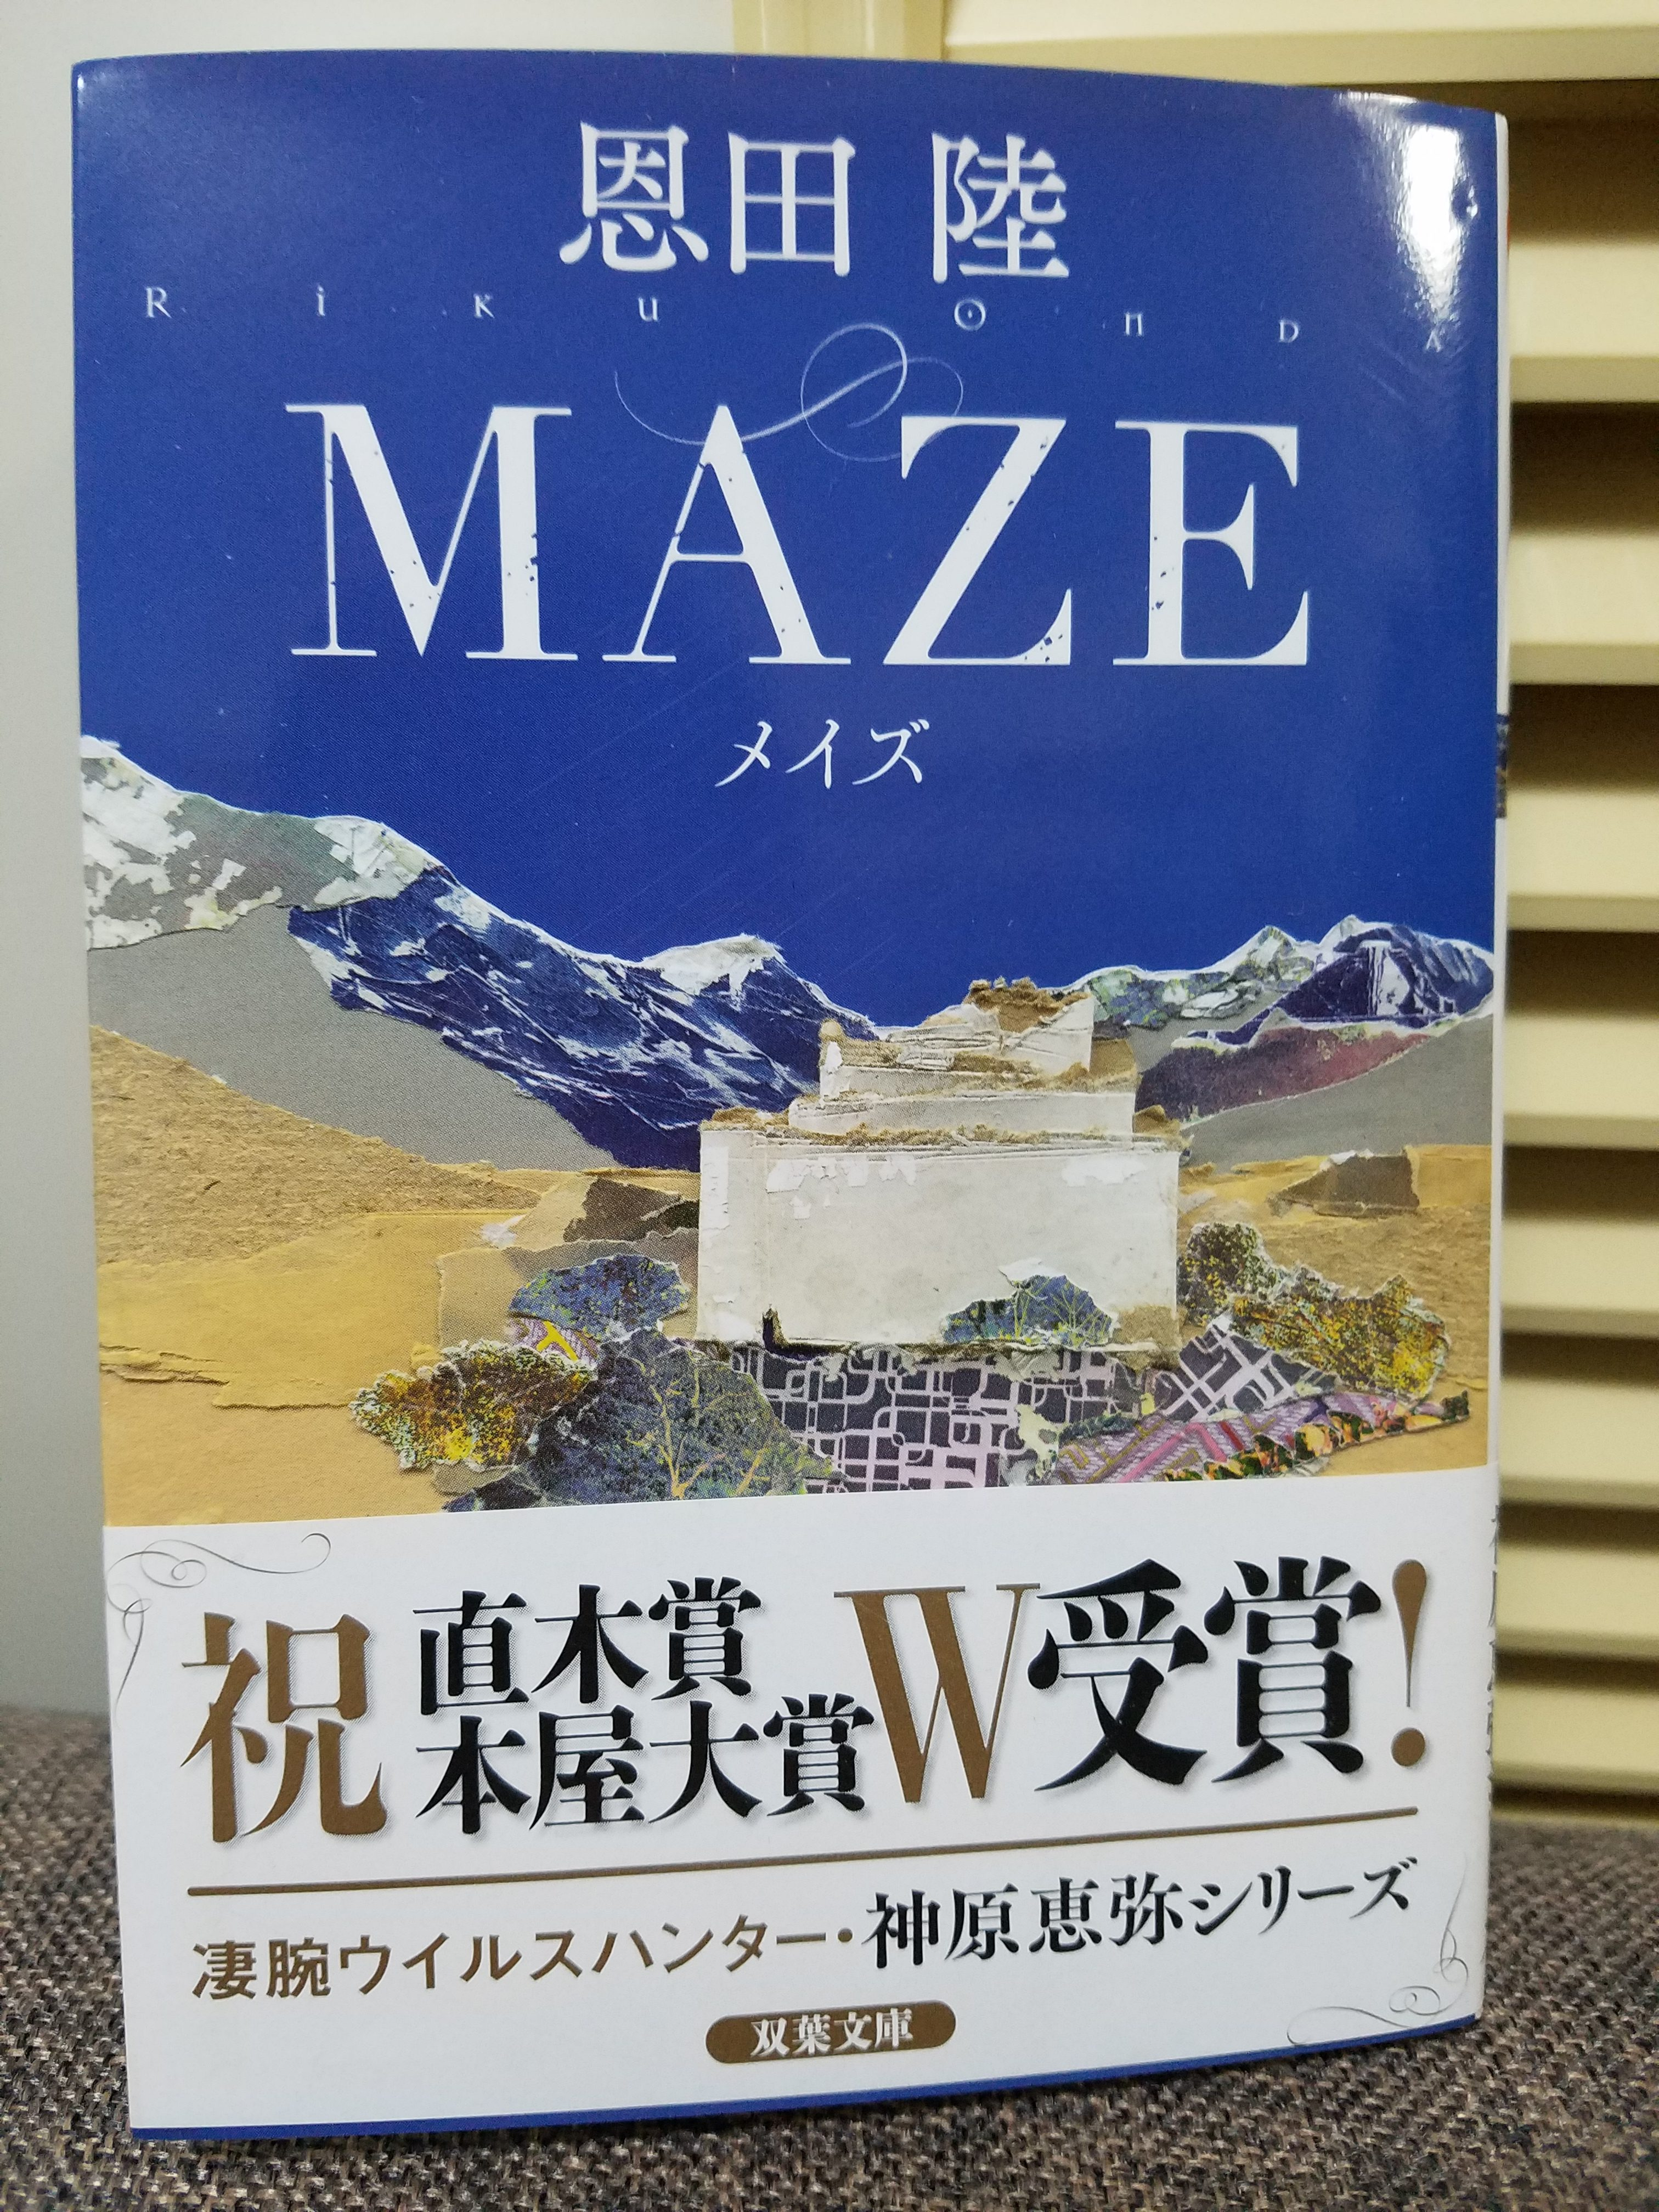 恩田陸『MAZE(メイズ)』感想※ネタバレ注意(素人小説書評)